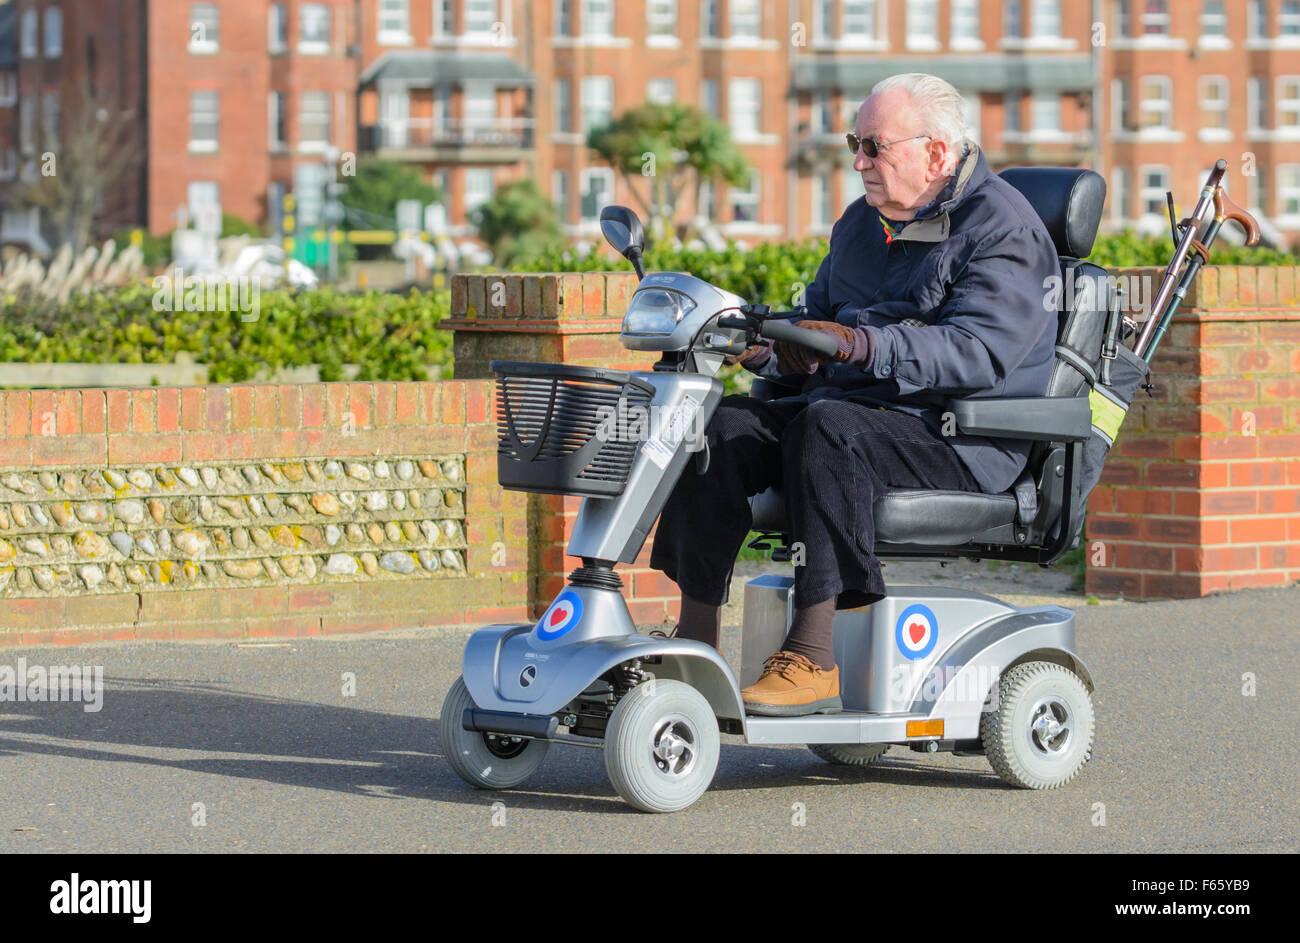 Mobilität Roller Gefahren von einem älteren Mann. Stockbild